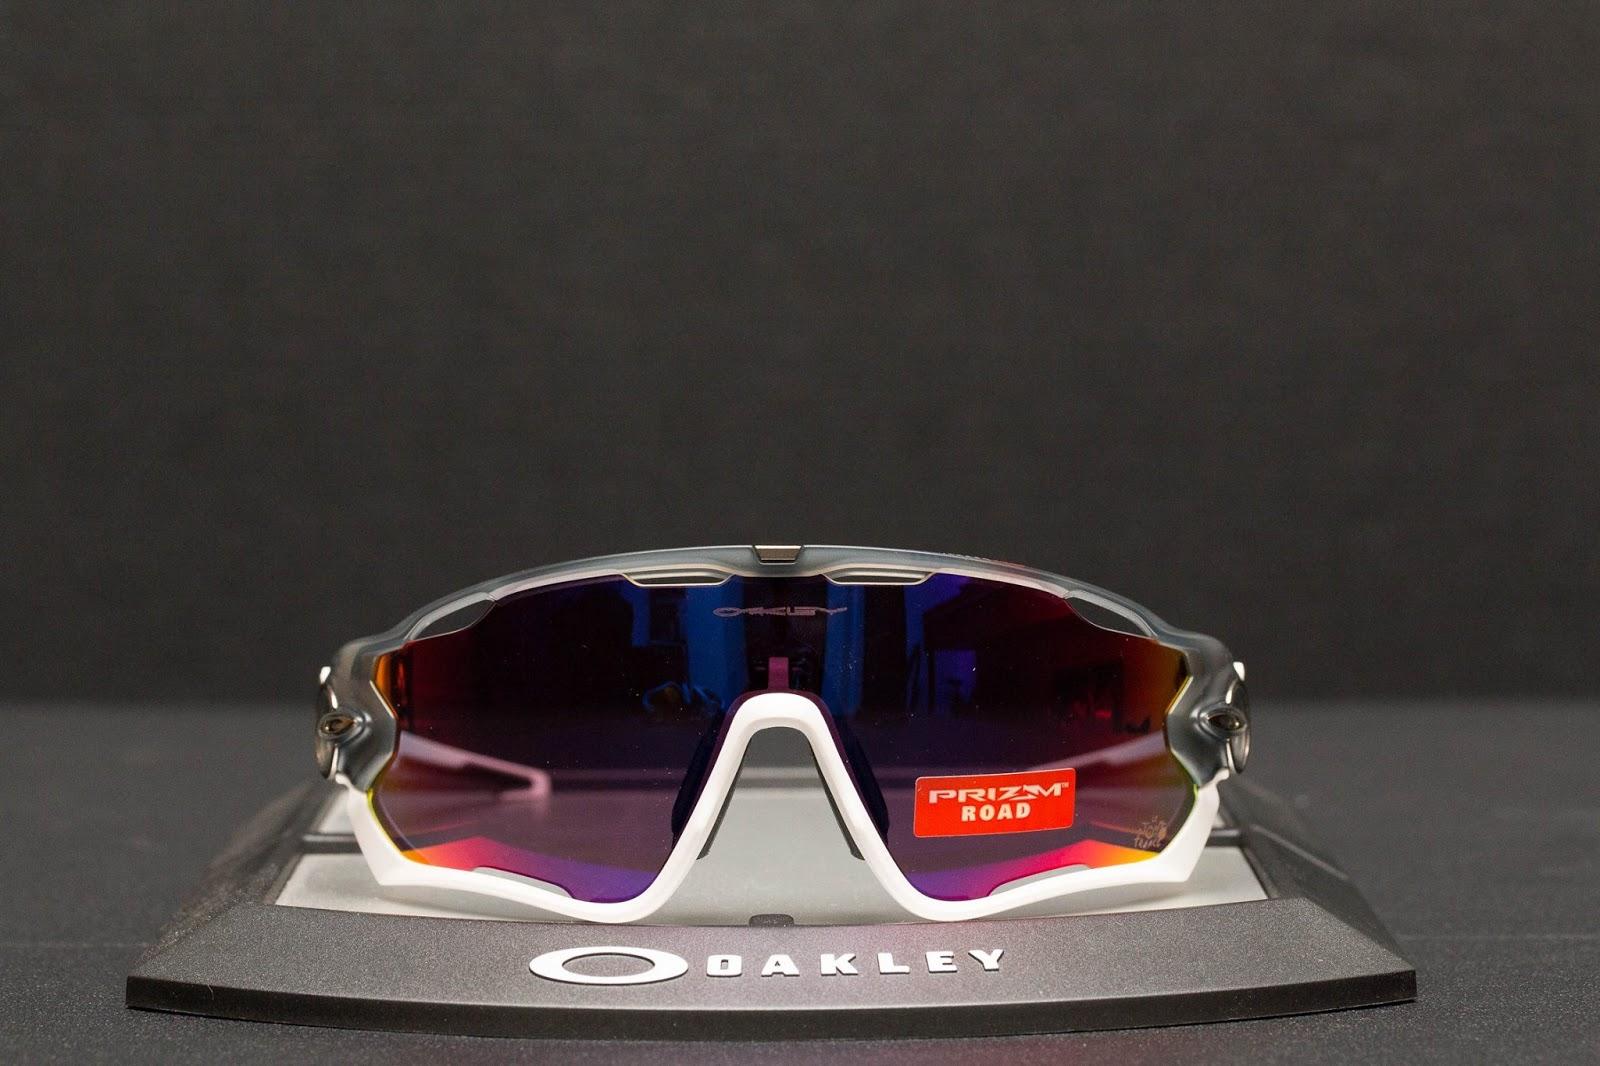 lunette oakley jawbreaker tour de france